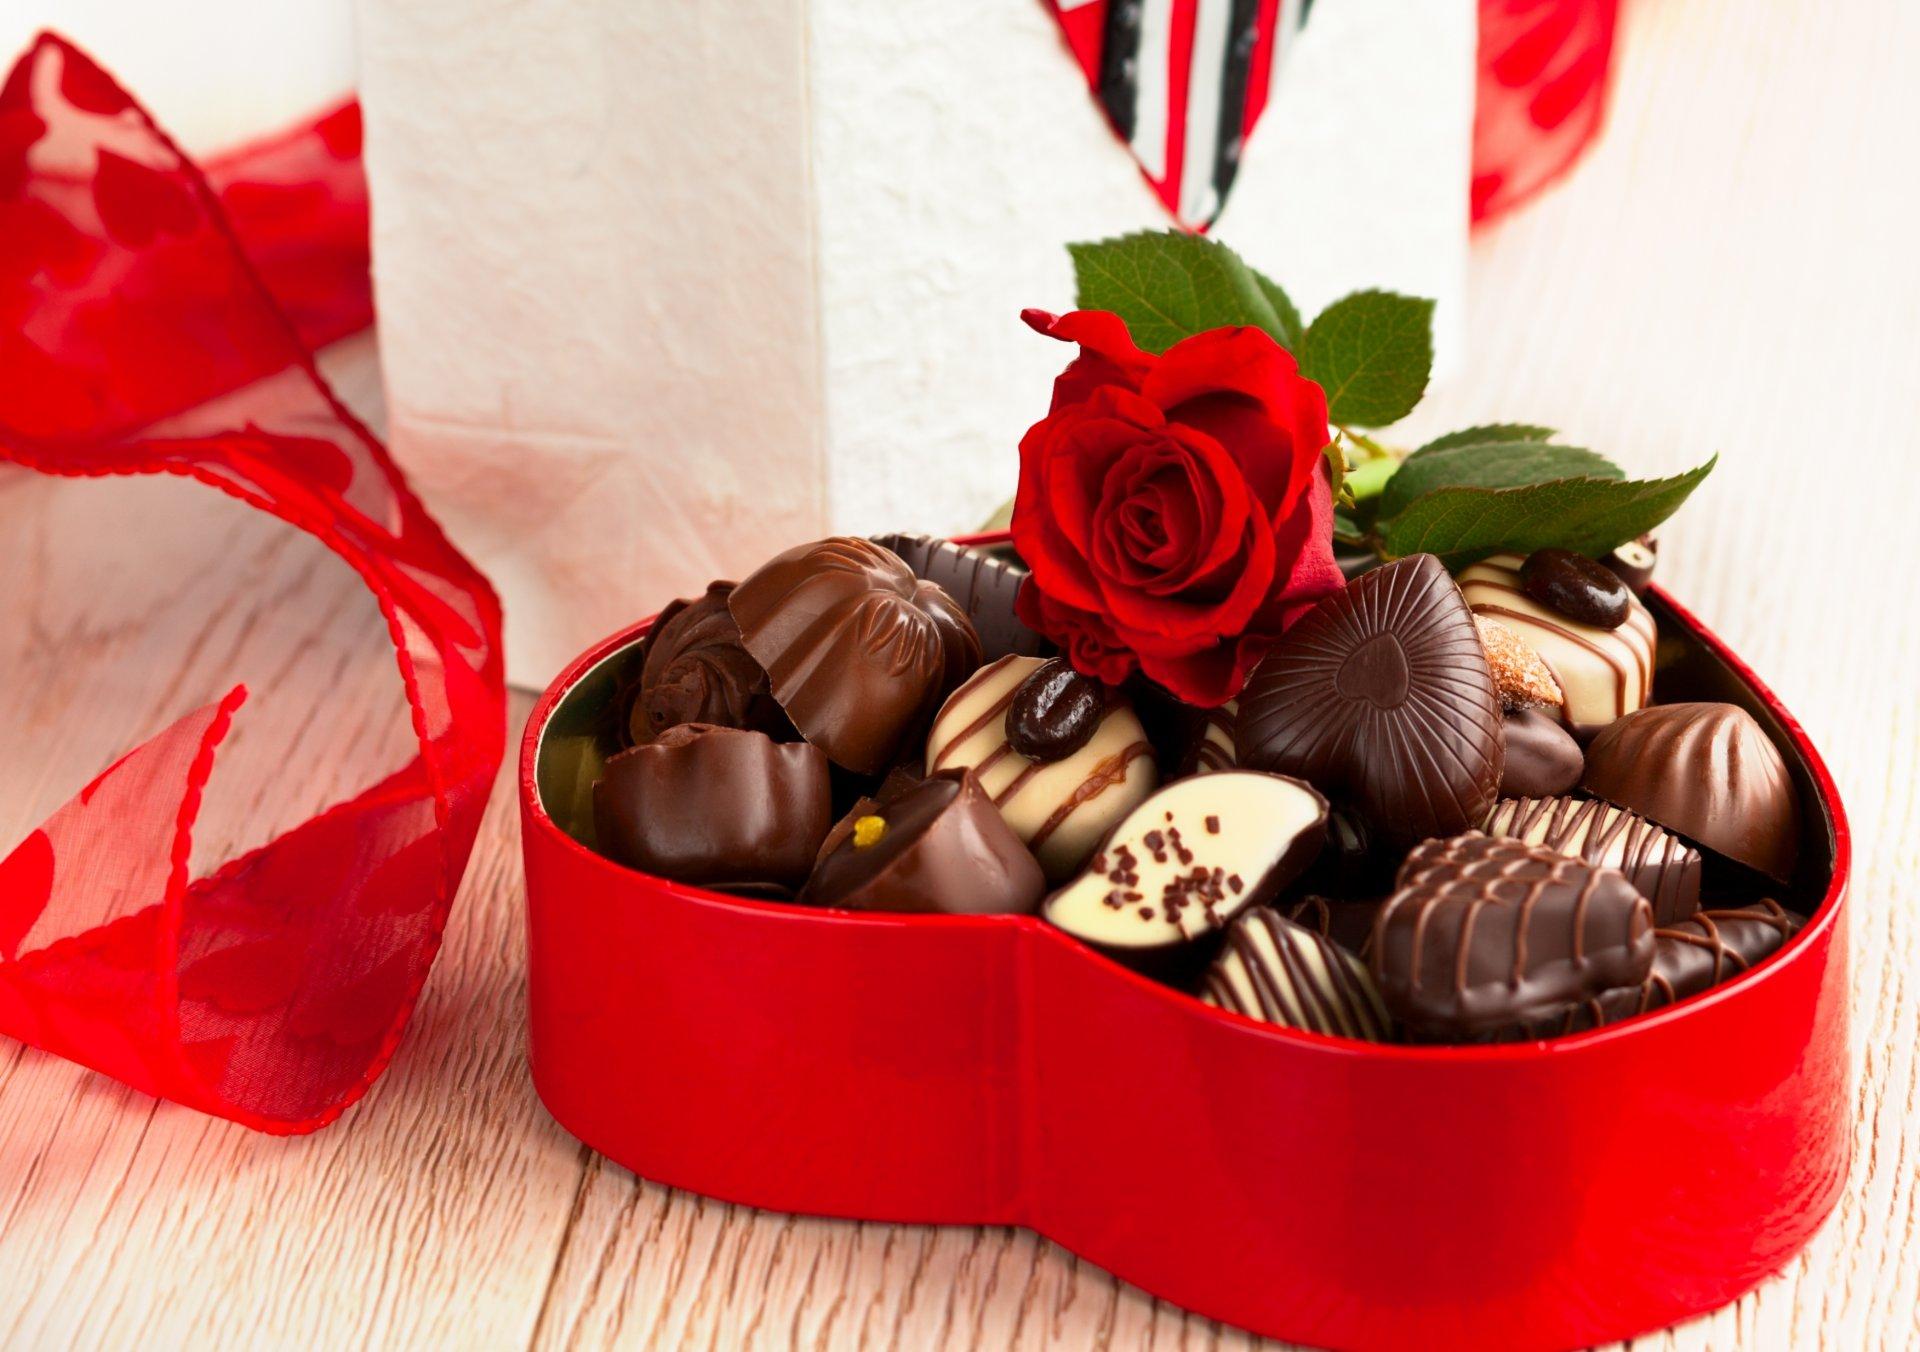 Шоколадку, подарок женщине картинки красивые